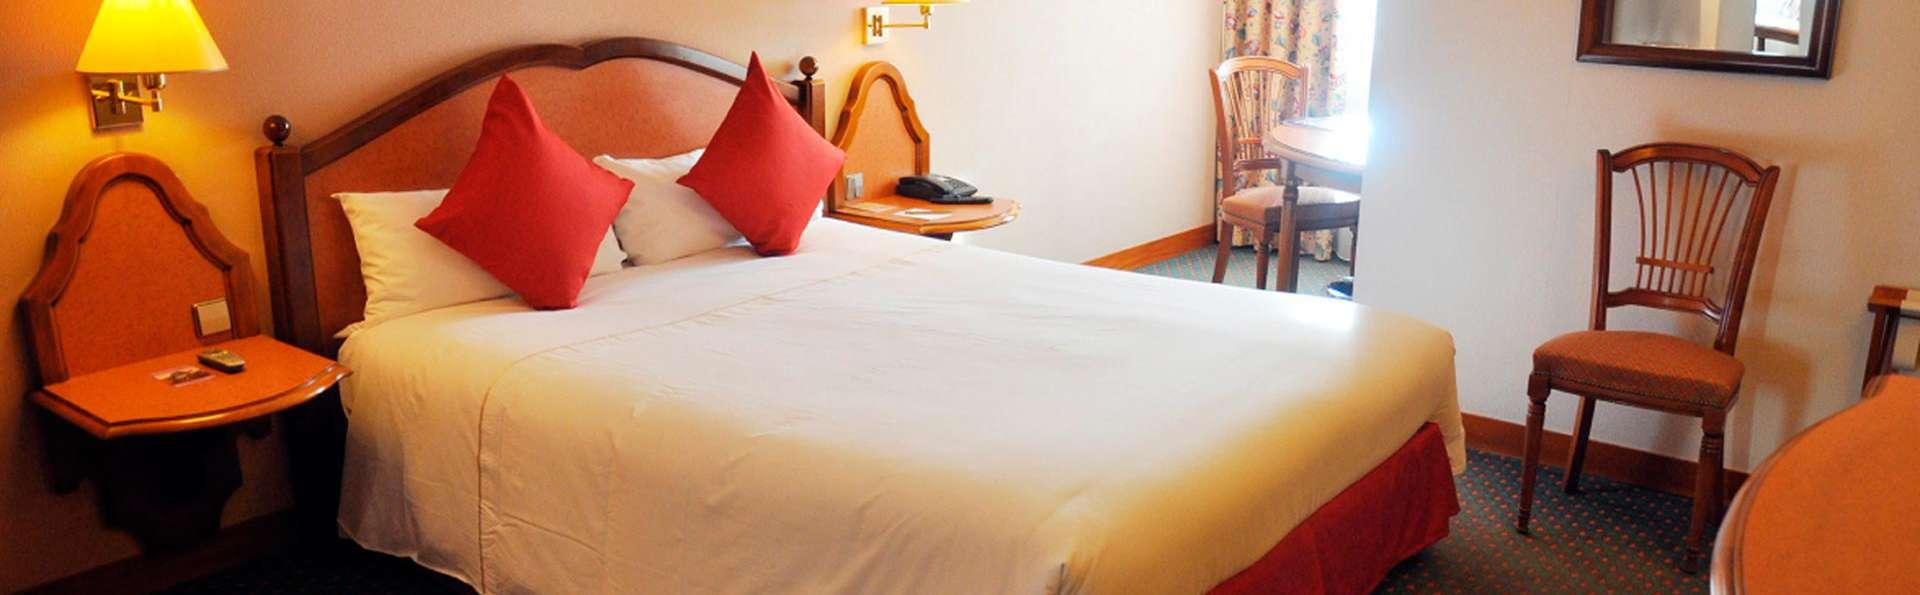 Descubre Andorra en este céntrico hotel con spa incluido